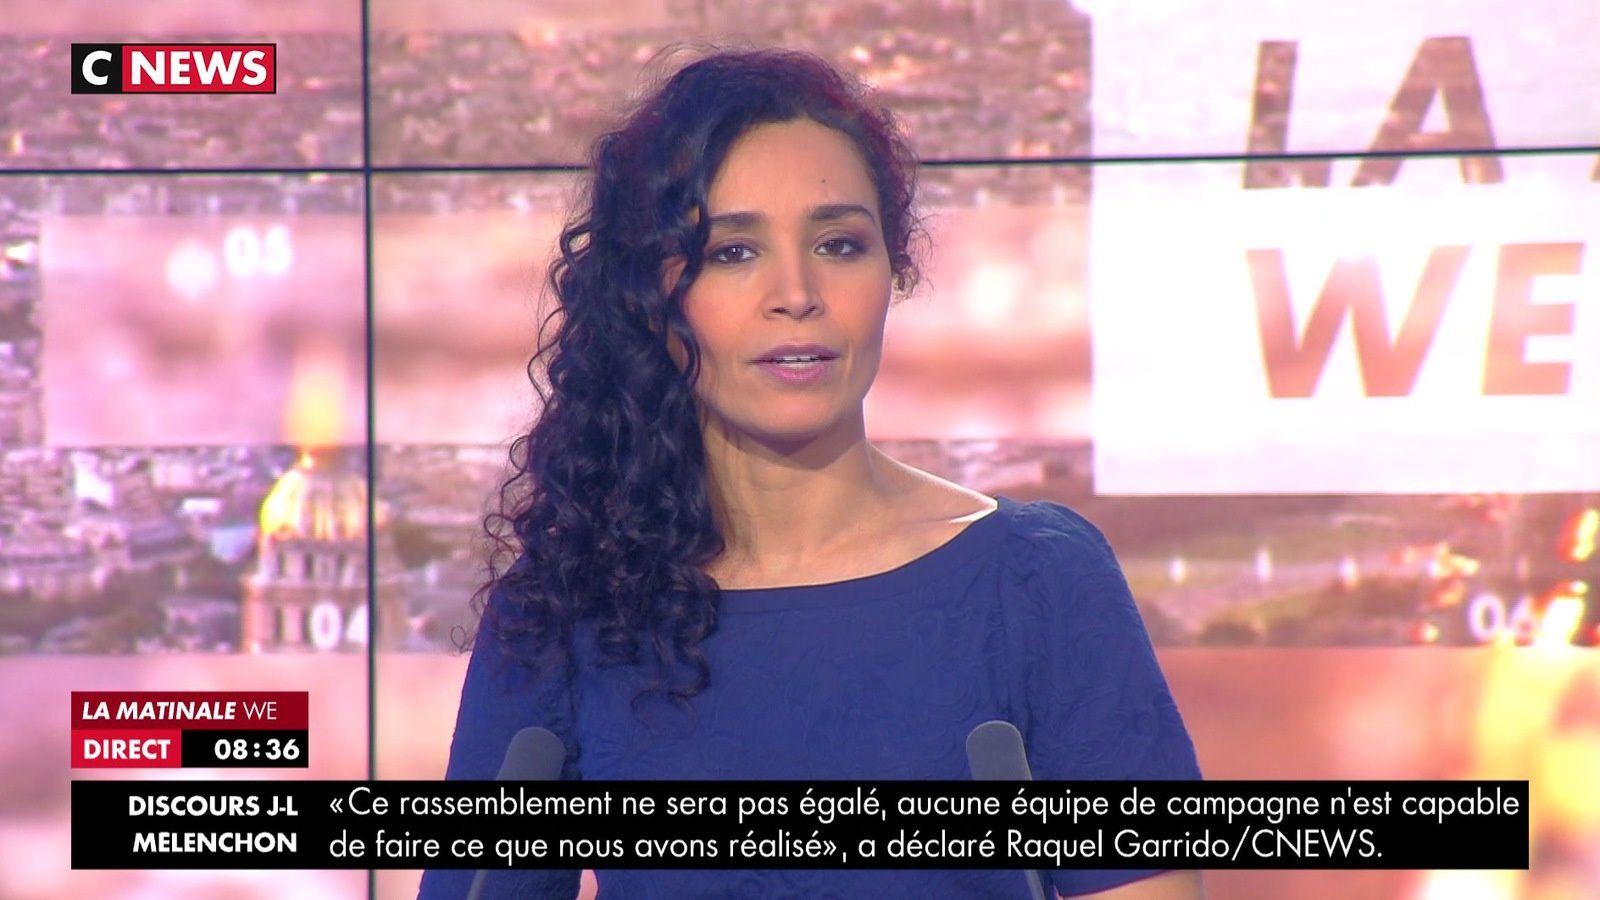 📸6 AIDA TOUIHRI @AidaTouihri @JohannaCarlosD8 ce matin @LaMatinaleWE @cnews #LaMatinaleWE #vuesalatele